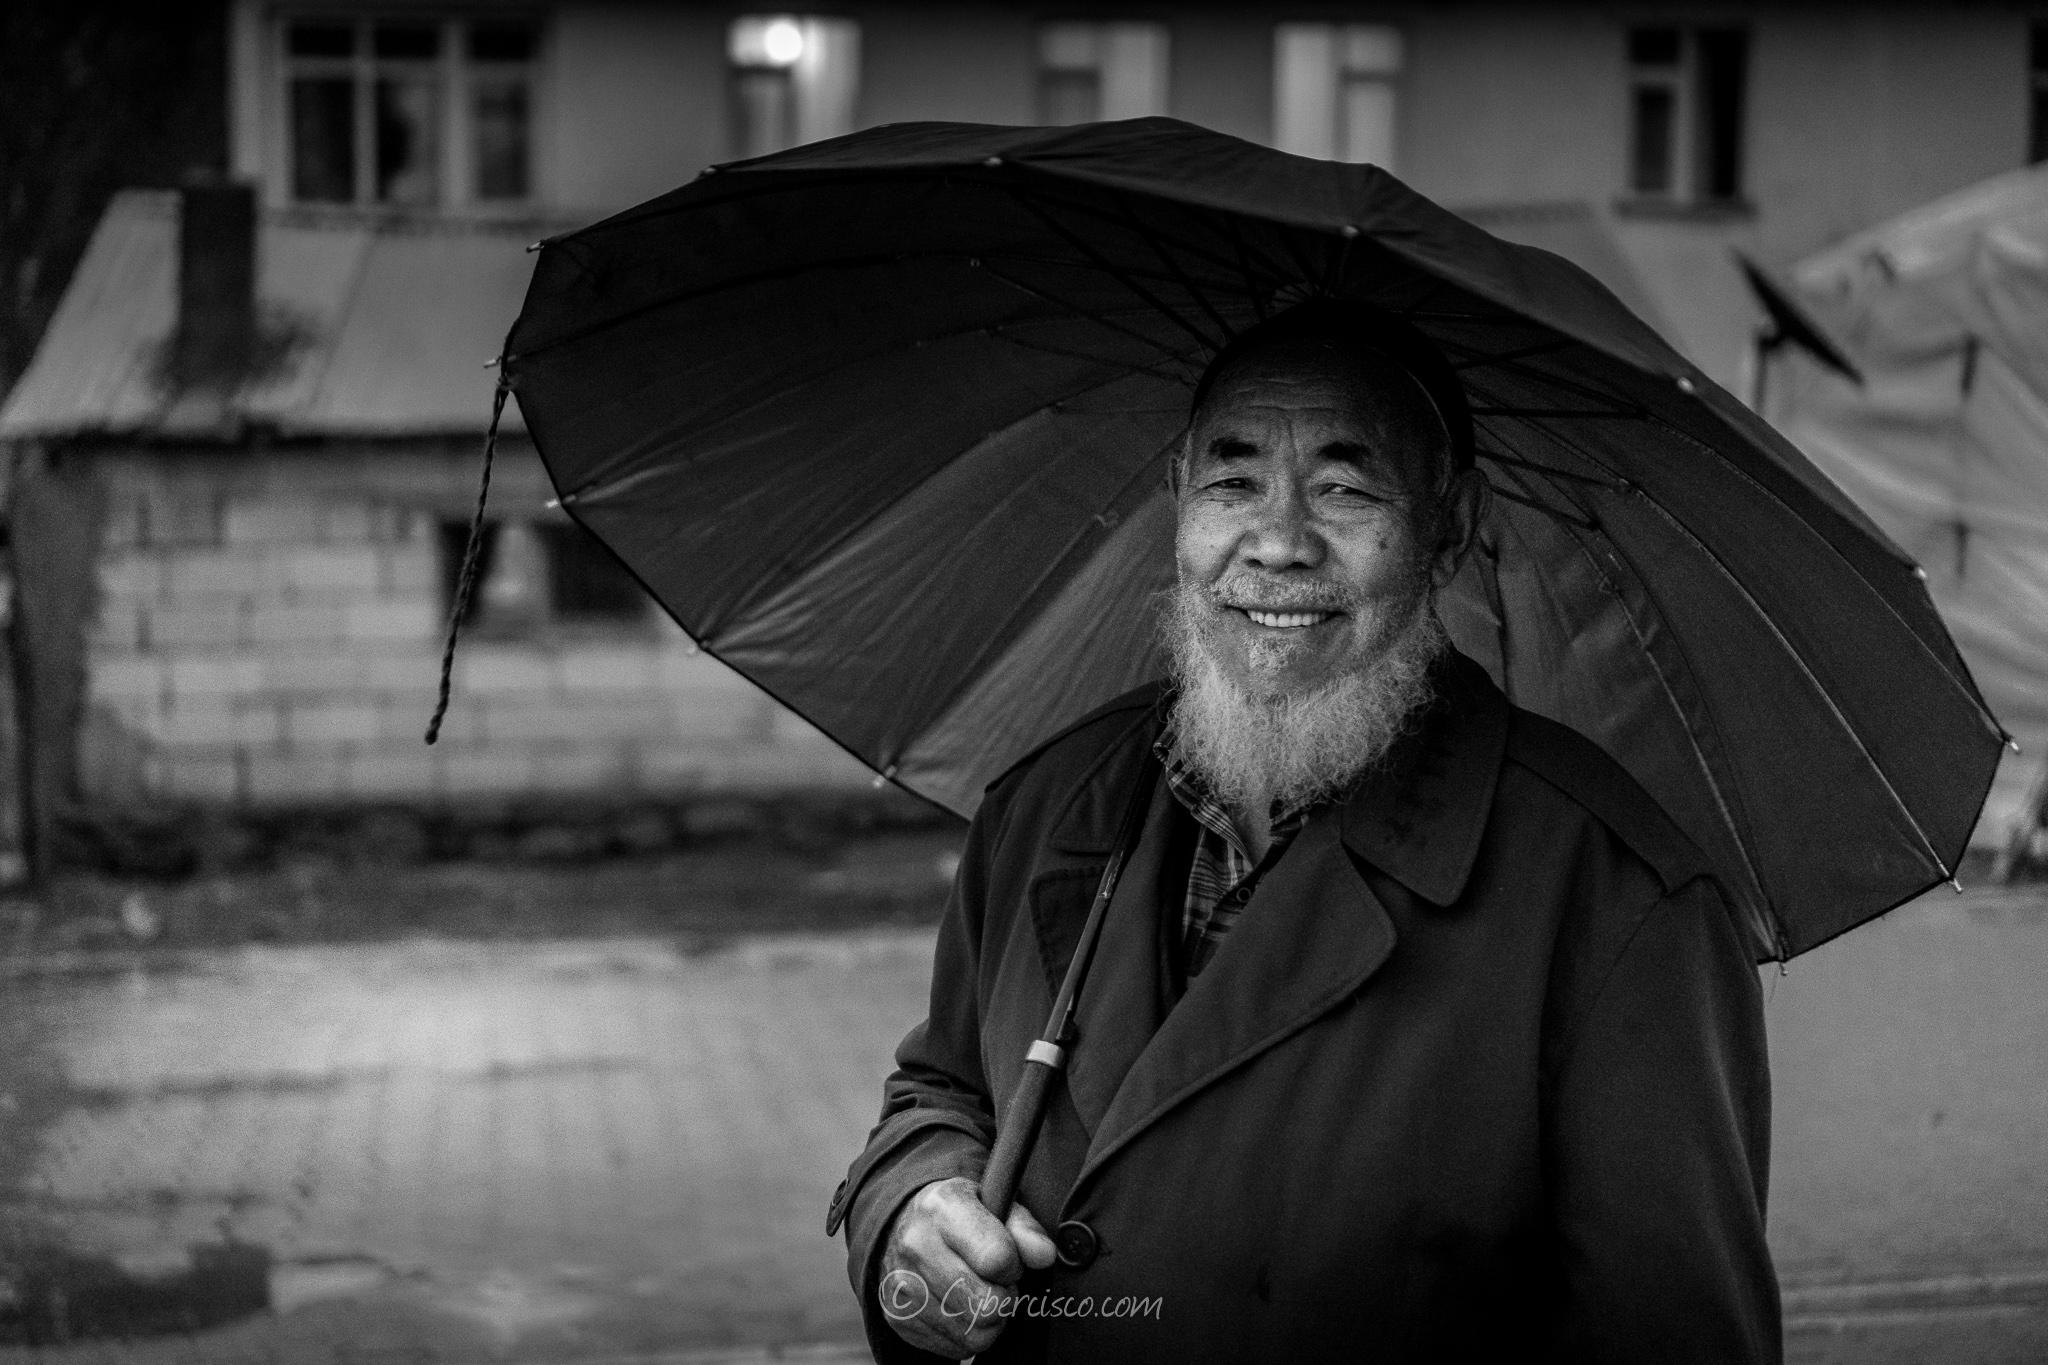 Man in Ulu Pamir